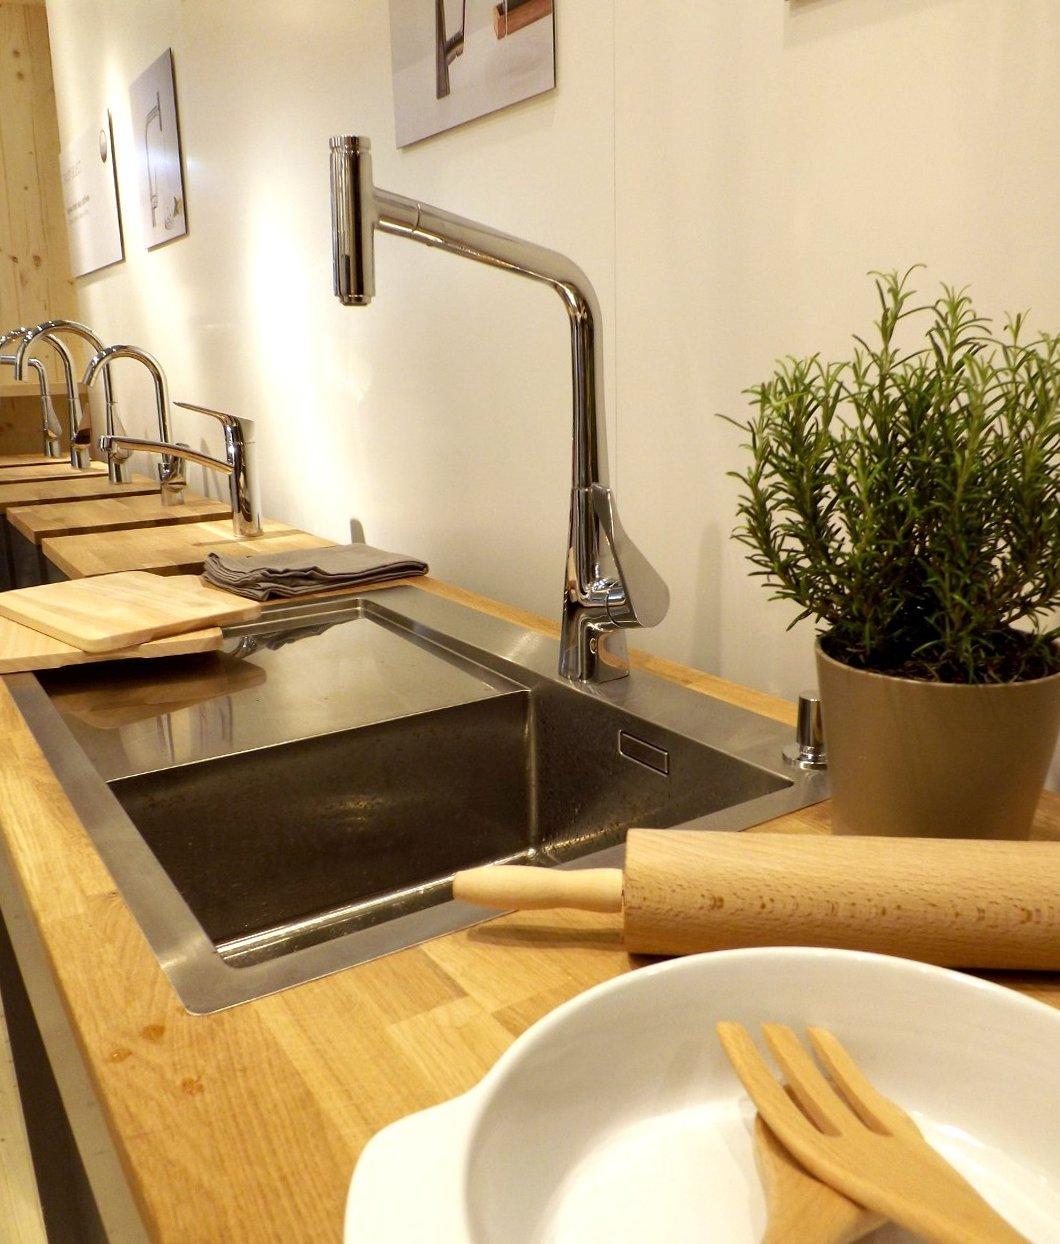 Кухонные смесители из ассортимента Hansgrohe, представленного на одной из выставок MosBuild